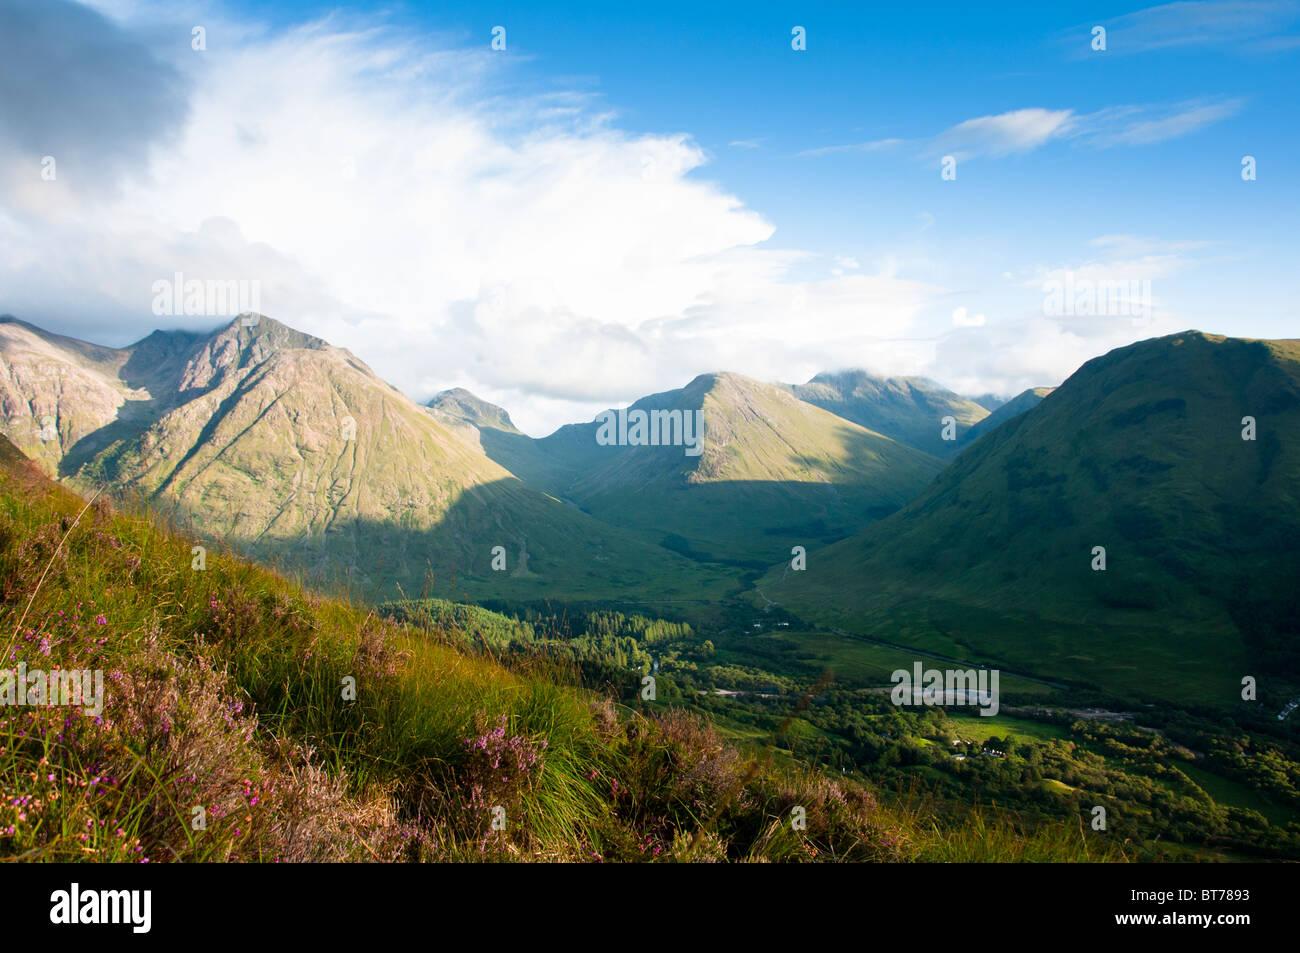 Mountains at Glencoe, Scottish highlands. - Stock Image